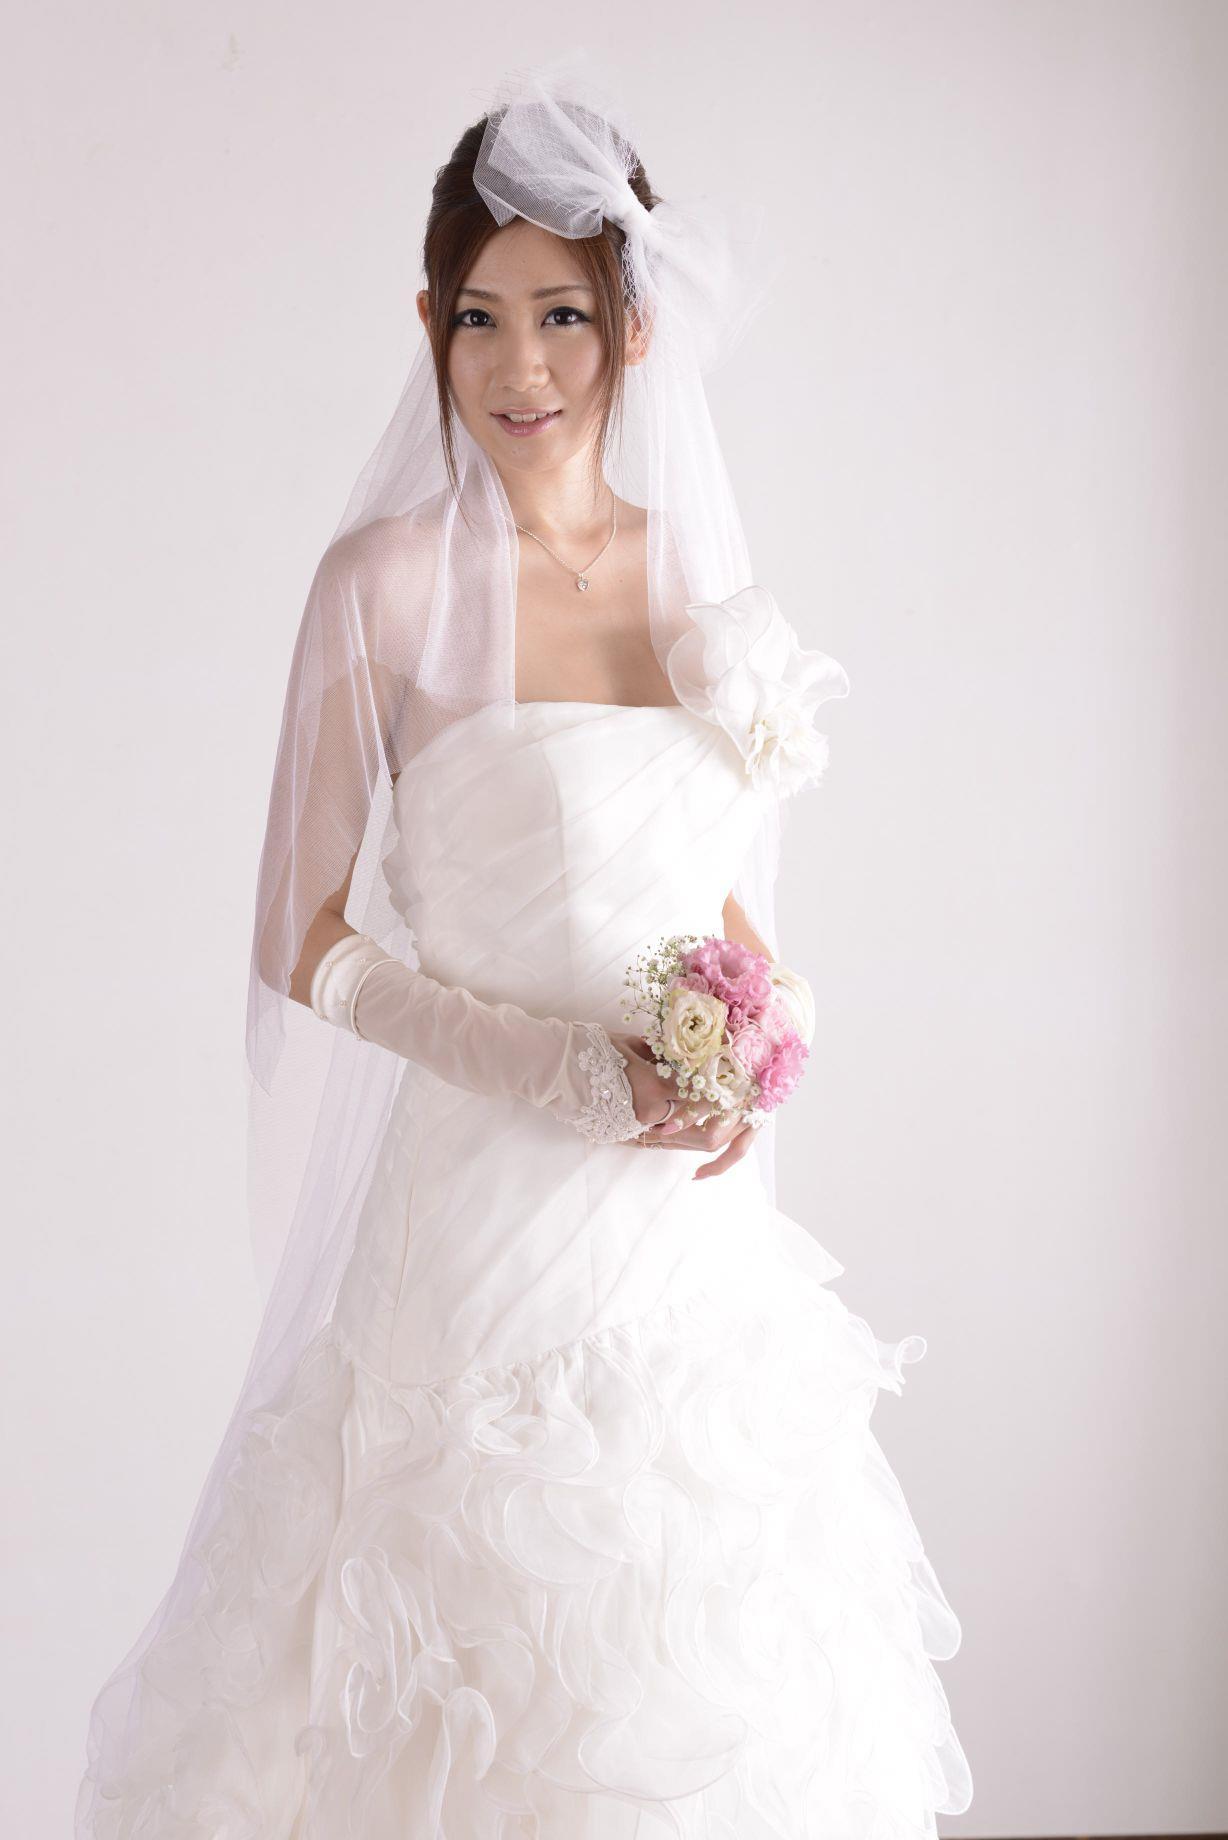 前田かおり ウェディングドレス画像 32